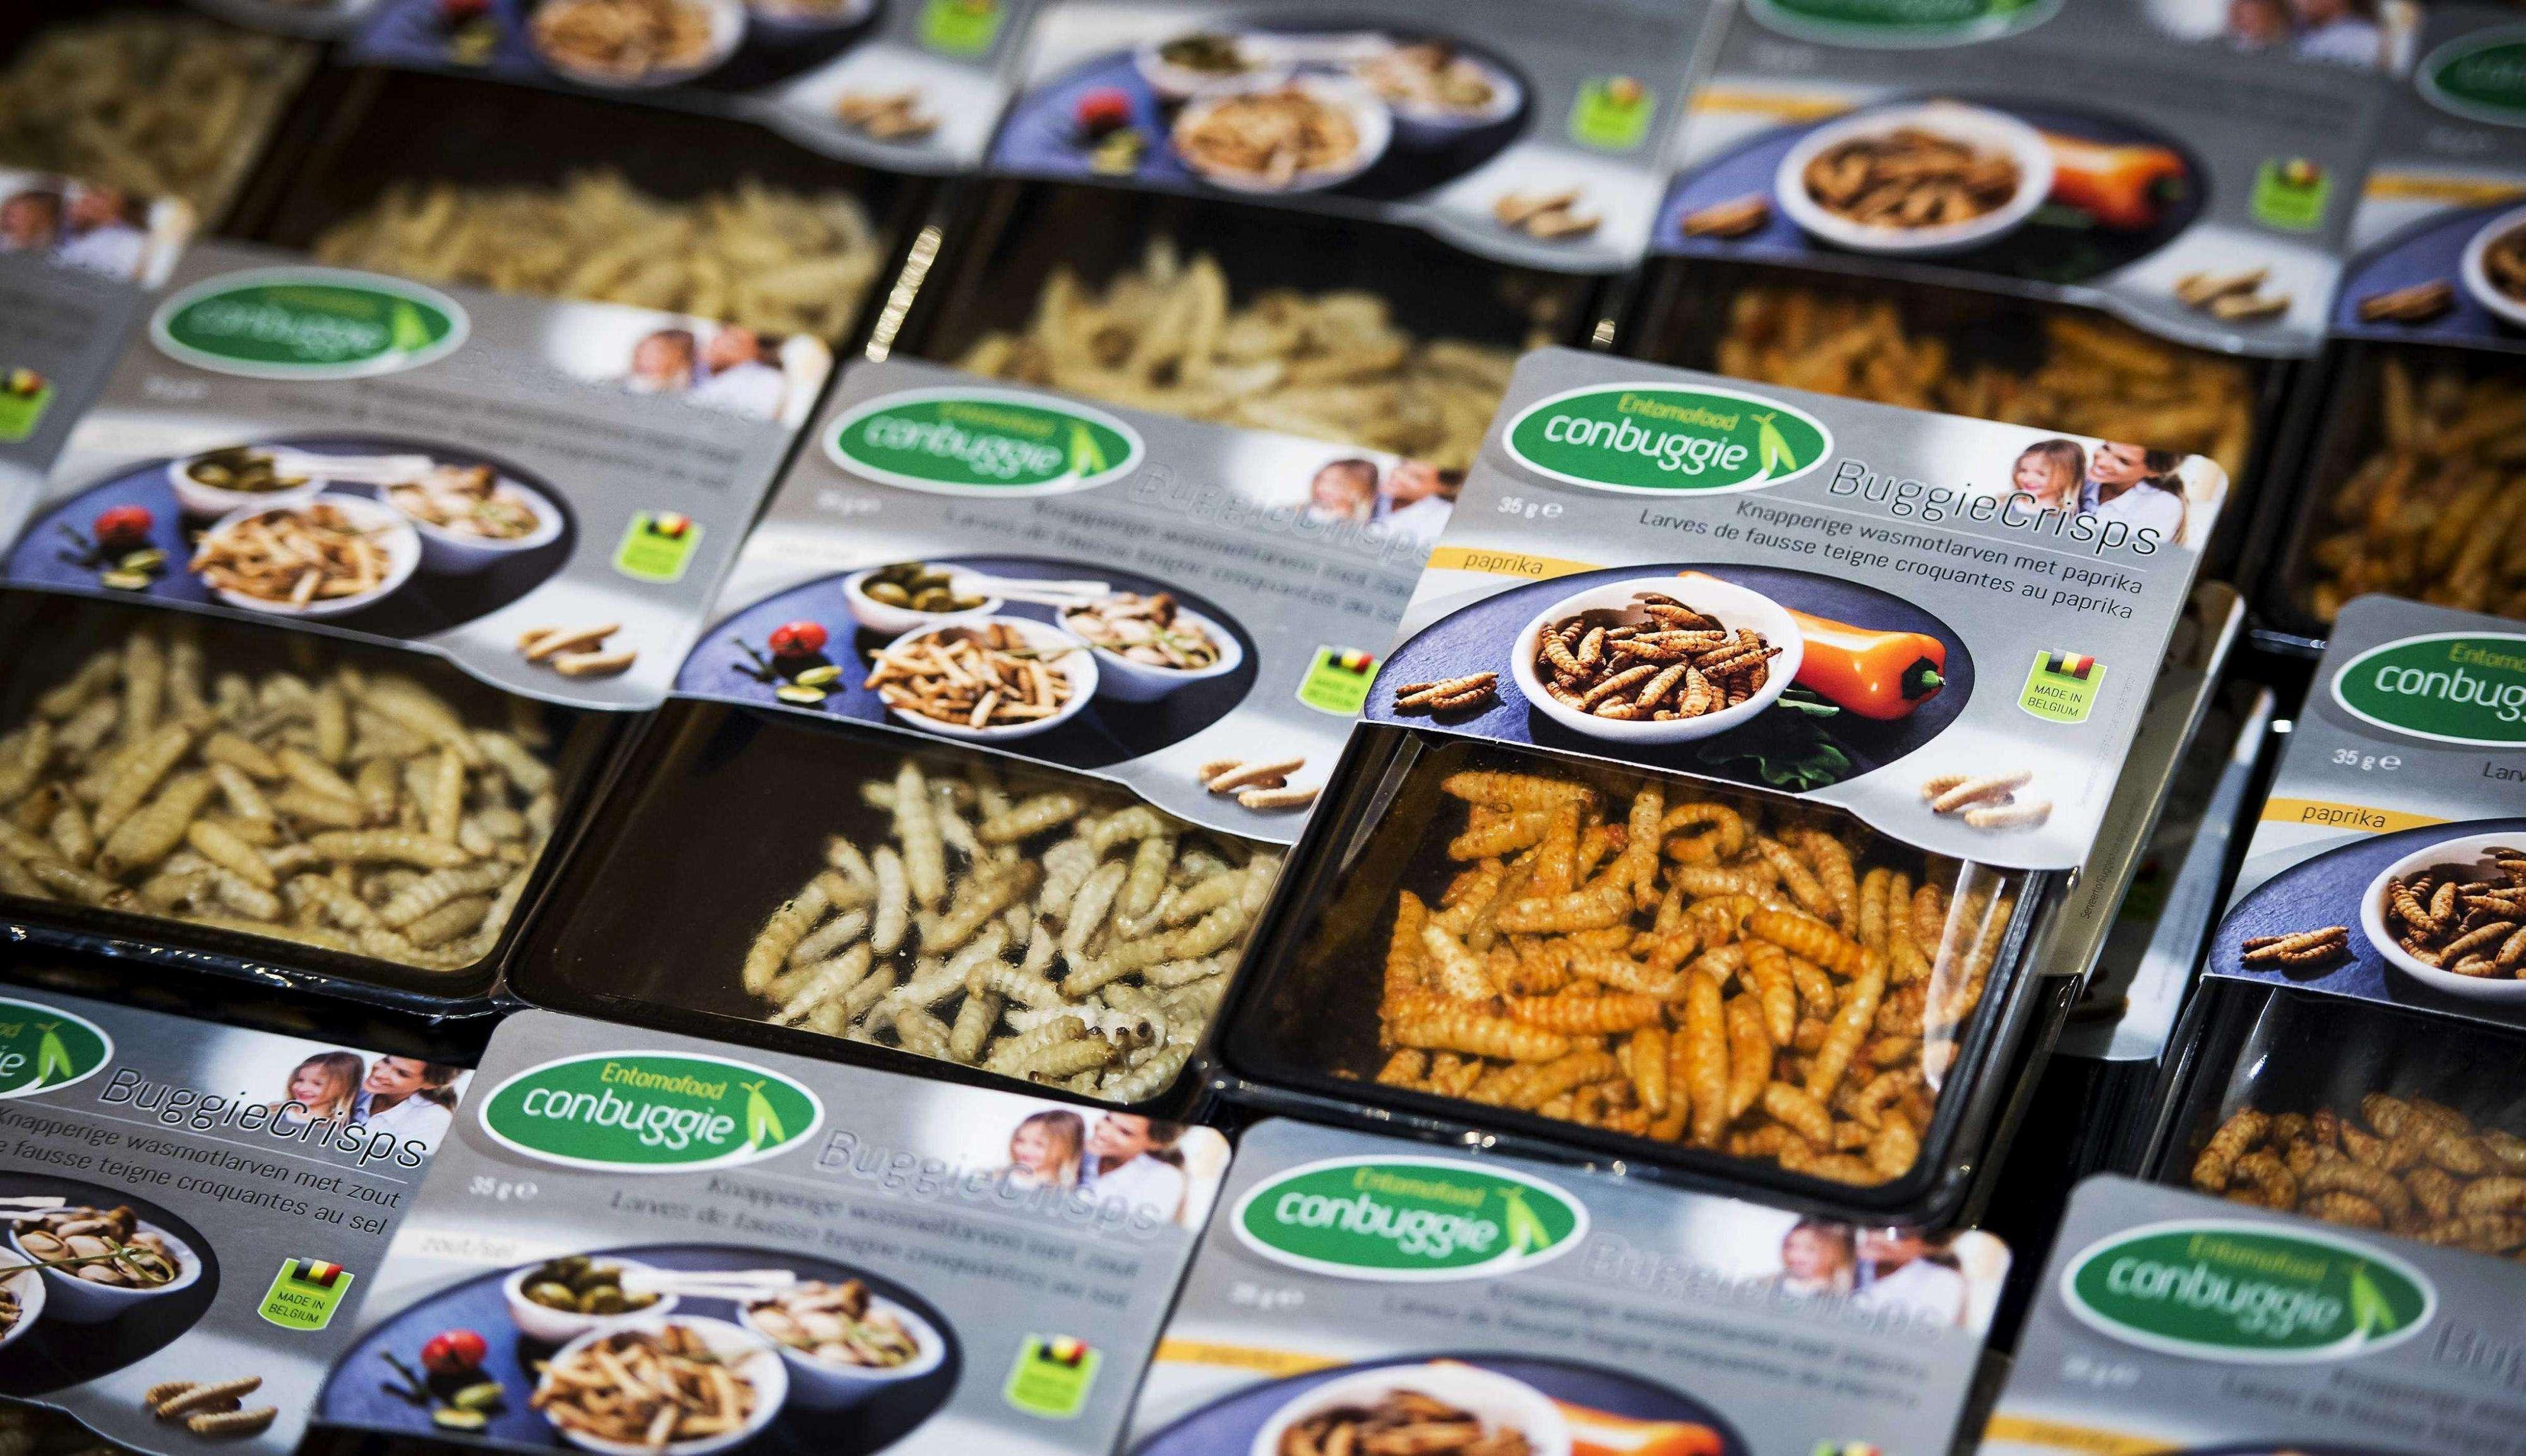 Vista de varias cajas de aperitivos a base de larvas de insectos en un supermercado de la cadena Jumbo en Groningen, Holanda, ayer, viernes 31 de octubre de 2014. Foto: EFE en español